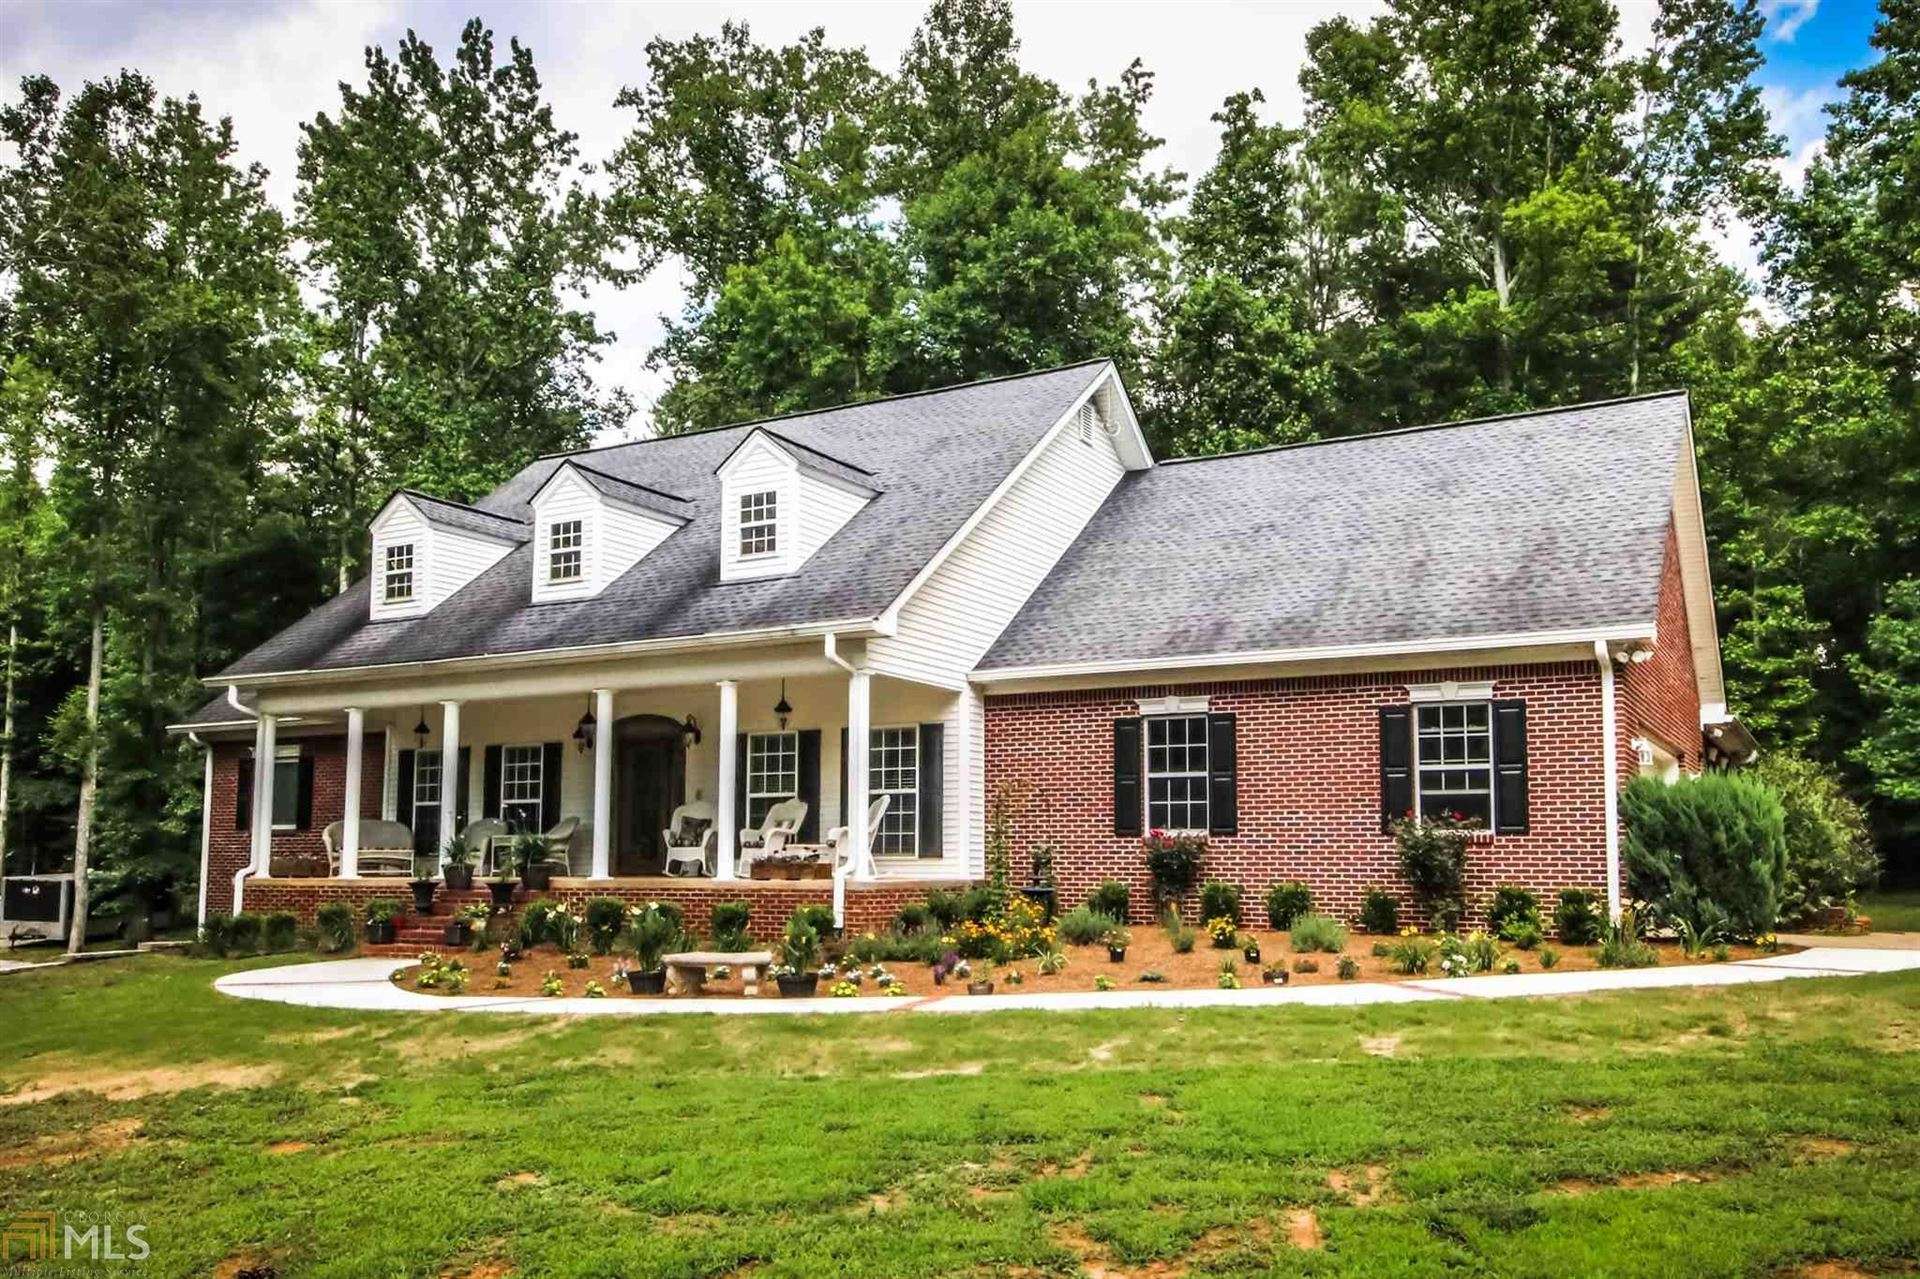 3131 Pine Haven Dr, Gainesville, GA 30506 - MLS#: 8792473